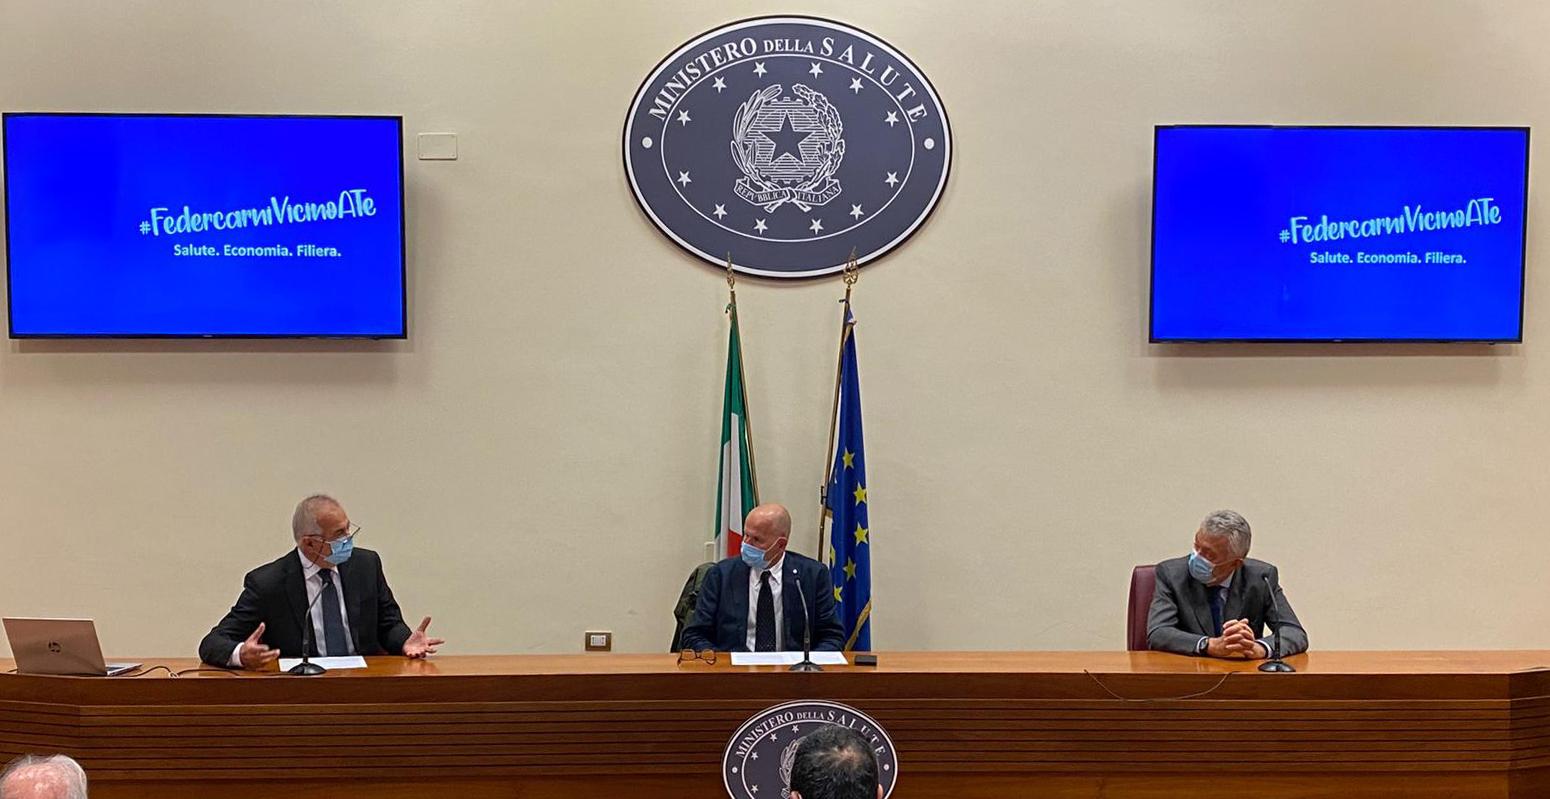 Intervento del Prof. Marco Tassinari